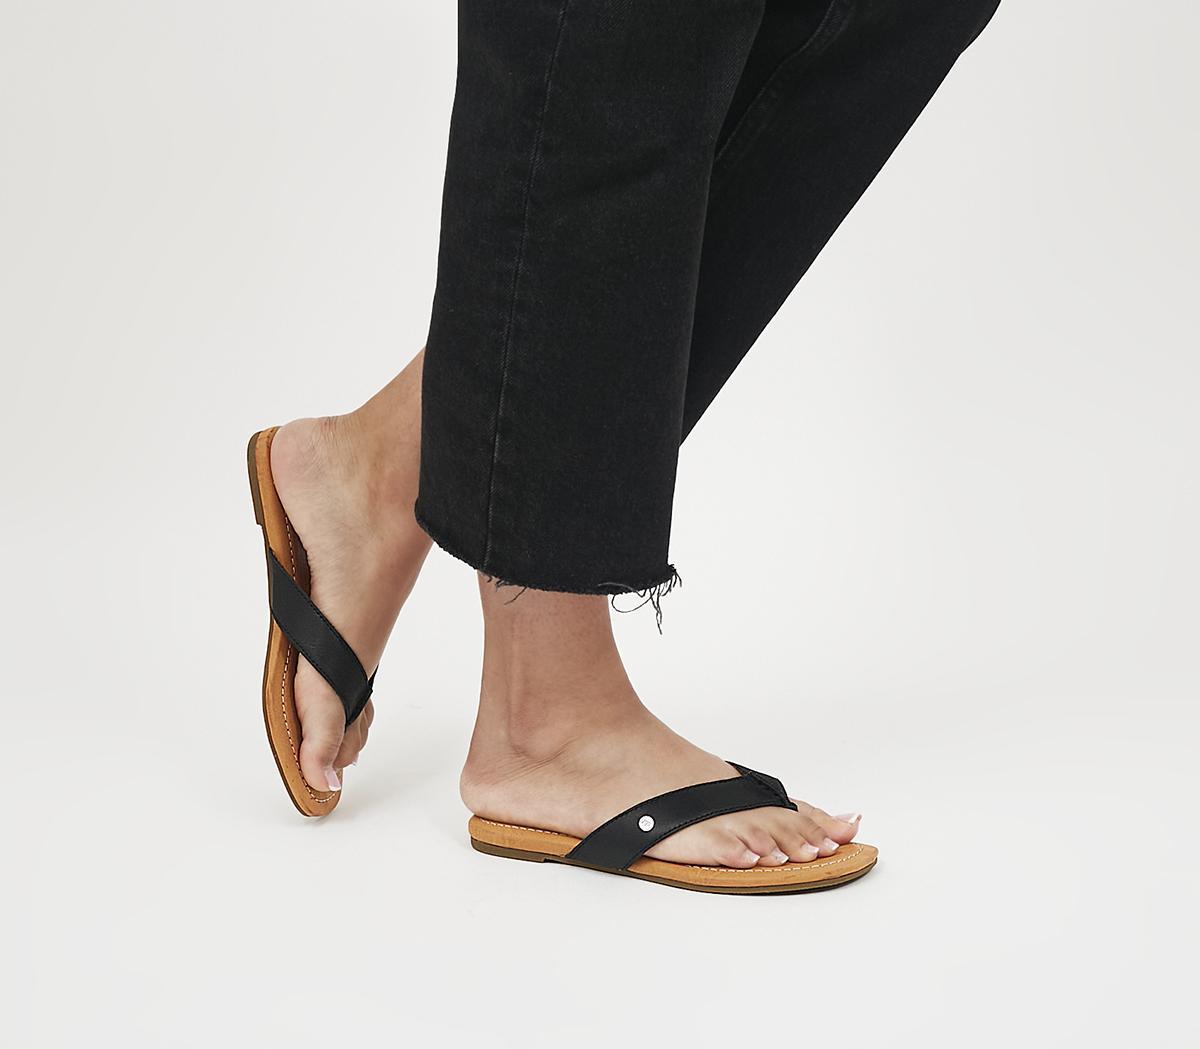 Tuolumne Flip Flops